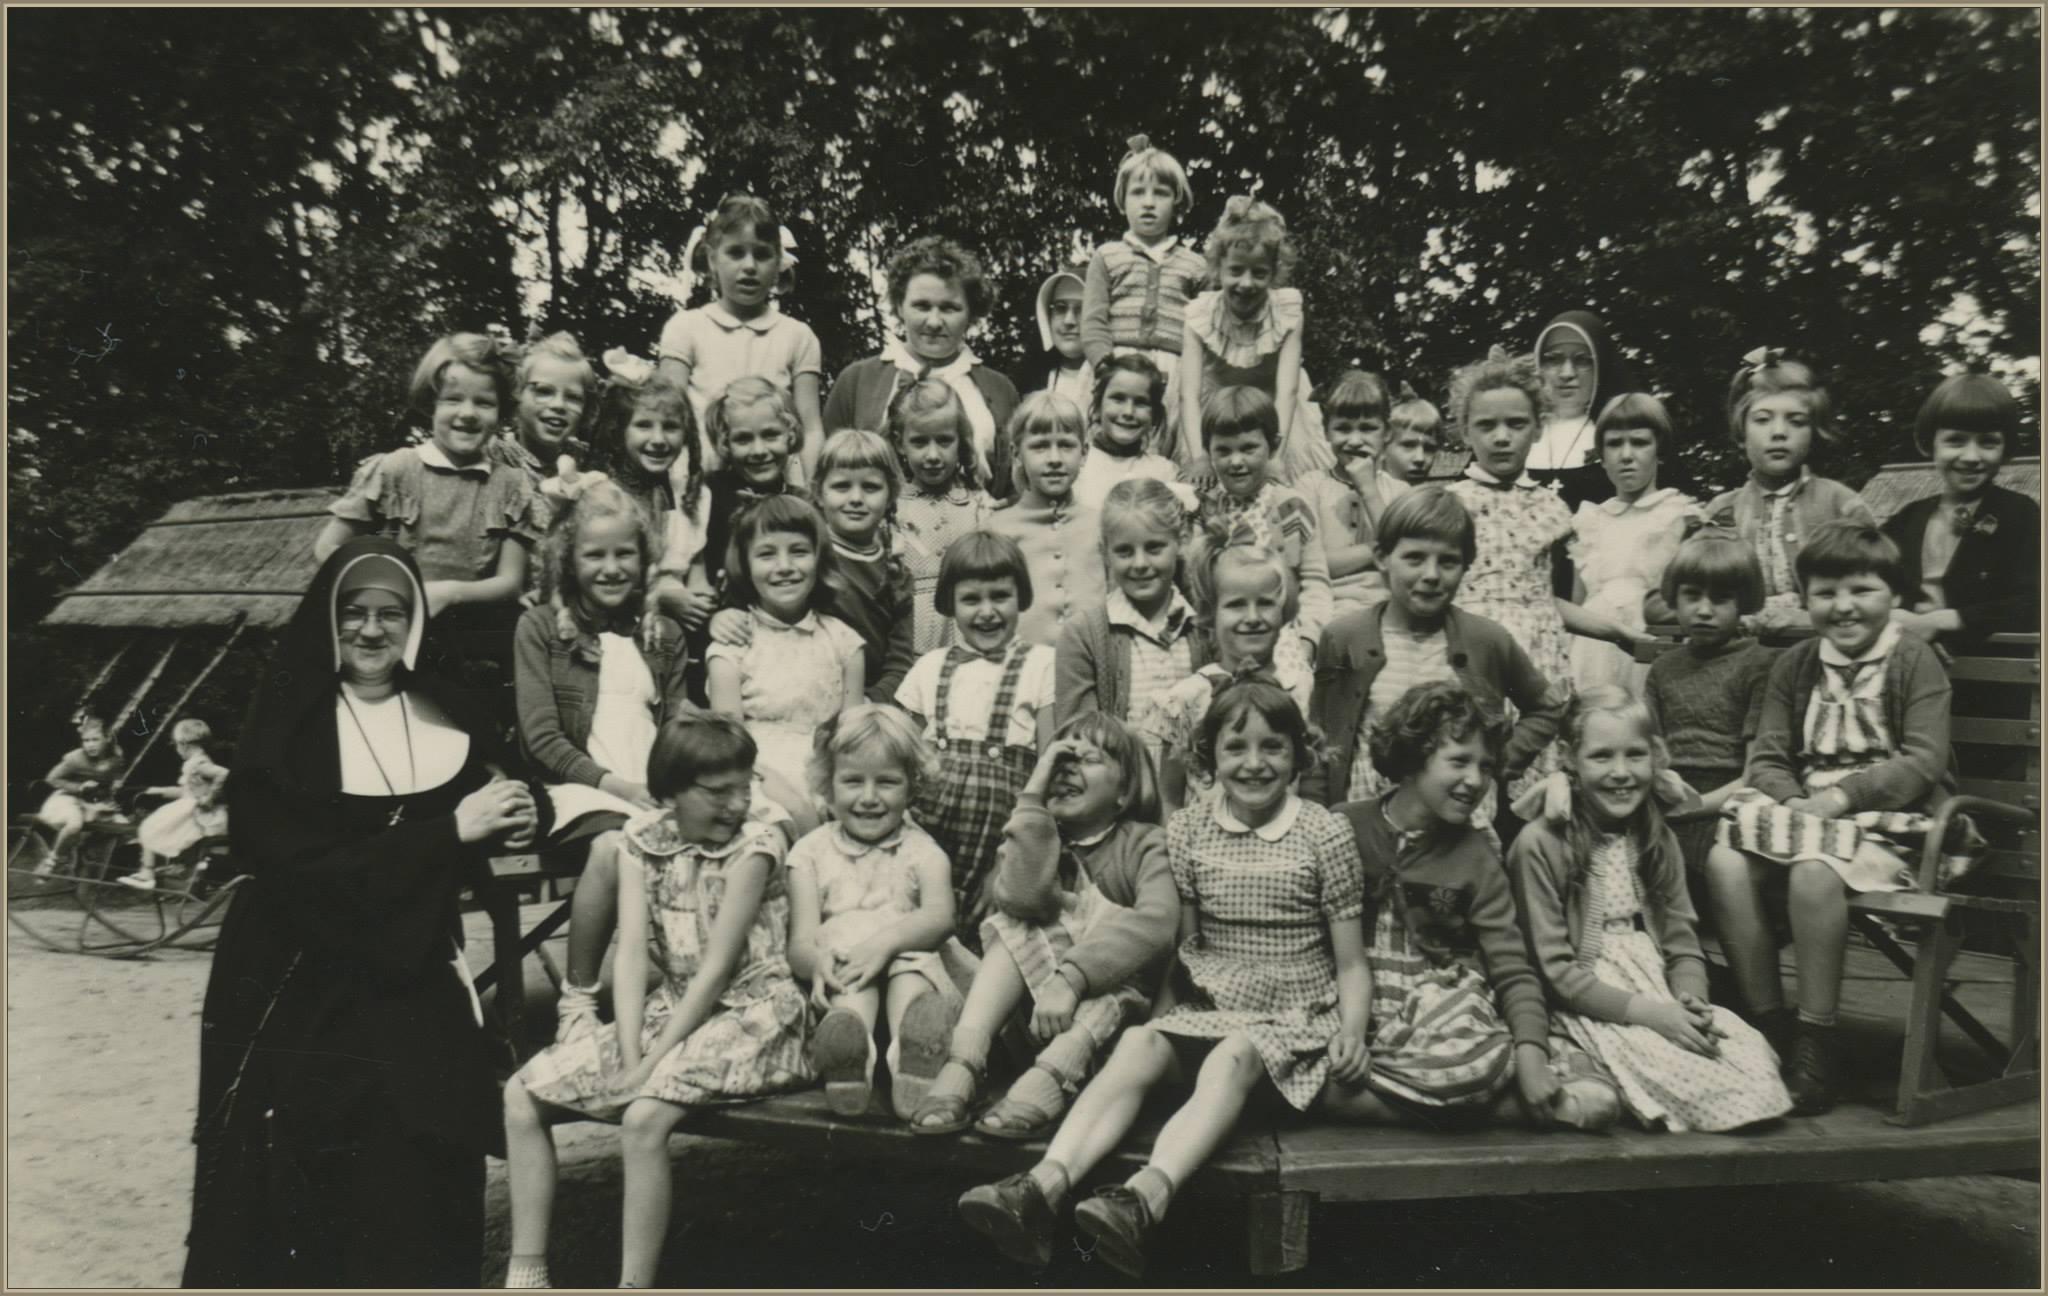 Schoolreisje meisjesschool rond 1960